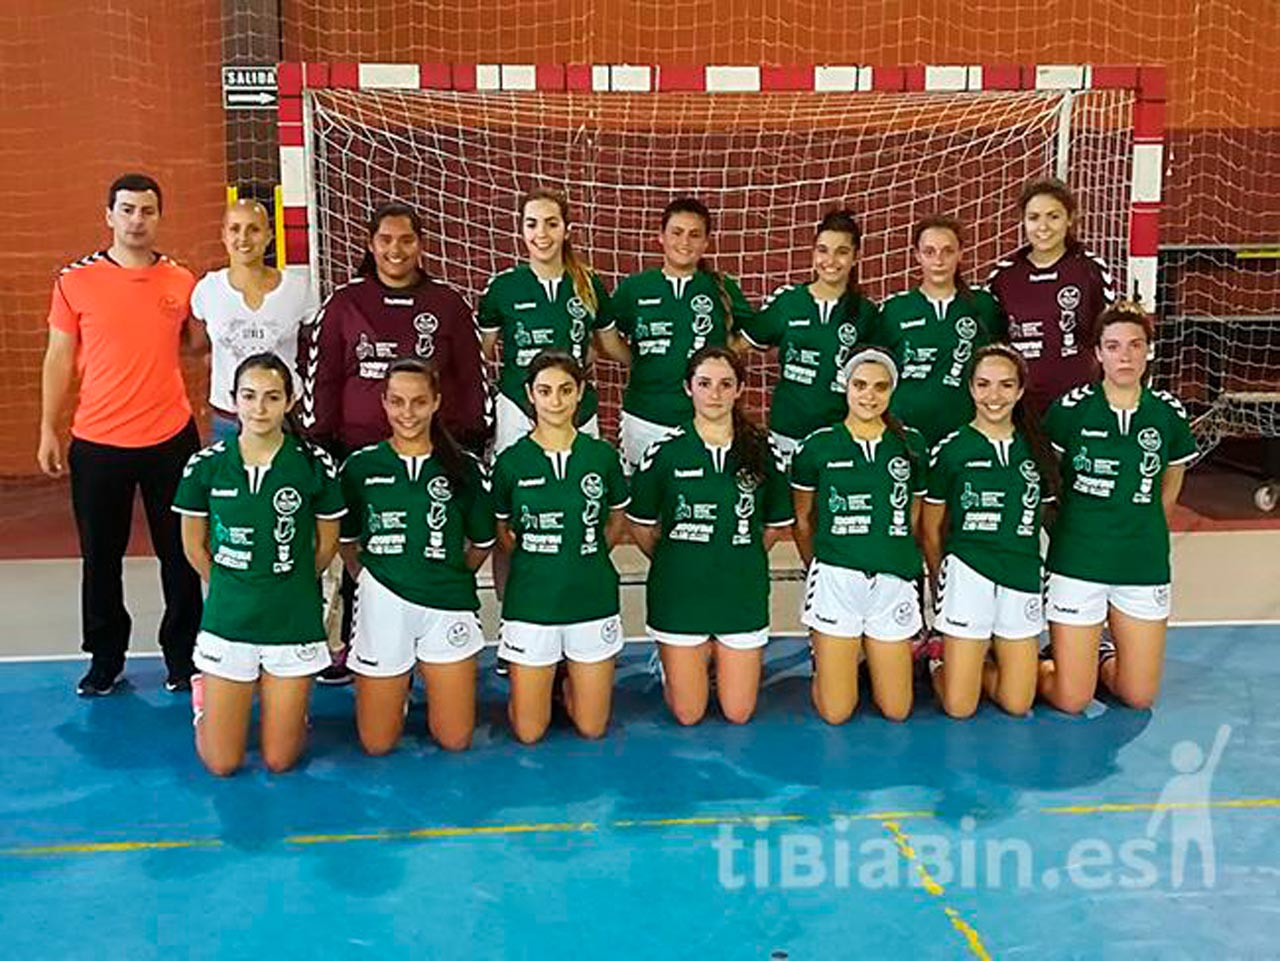 El juvenil femenino del CB Caima Fuerteventura se clasifica para el Campeonato de España de Balonmano